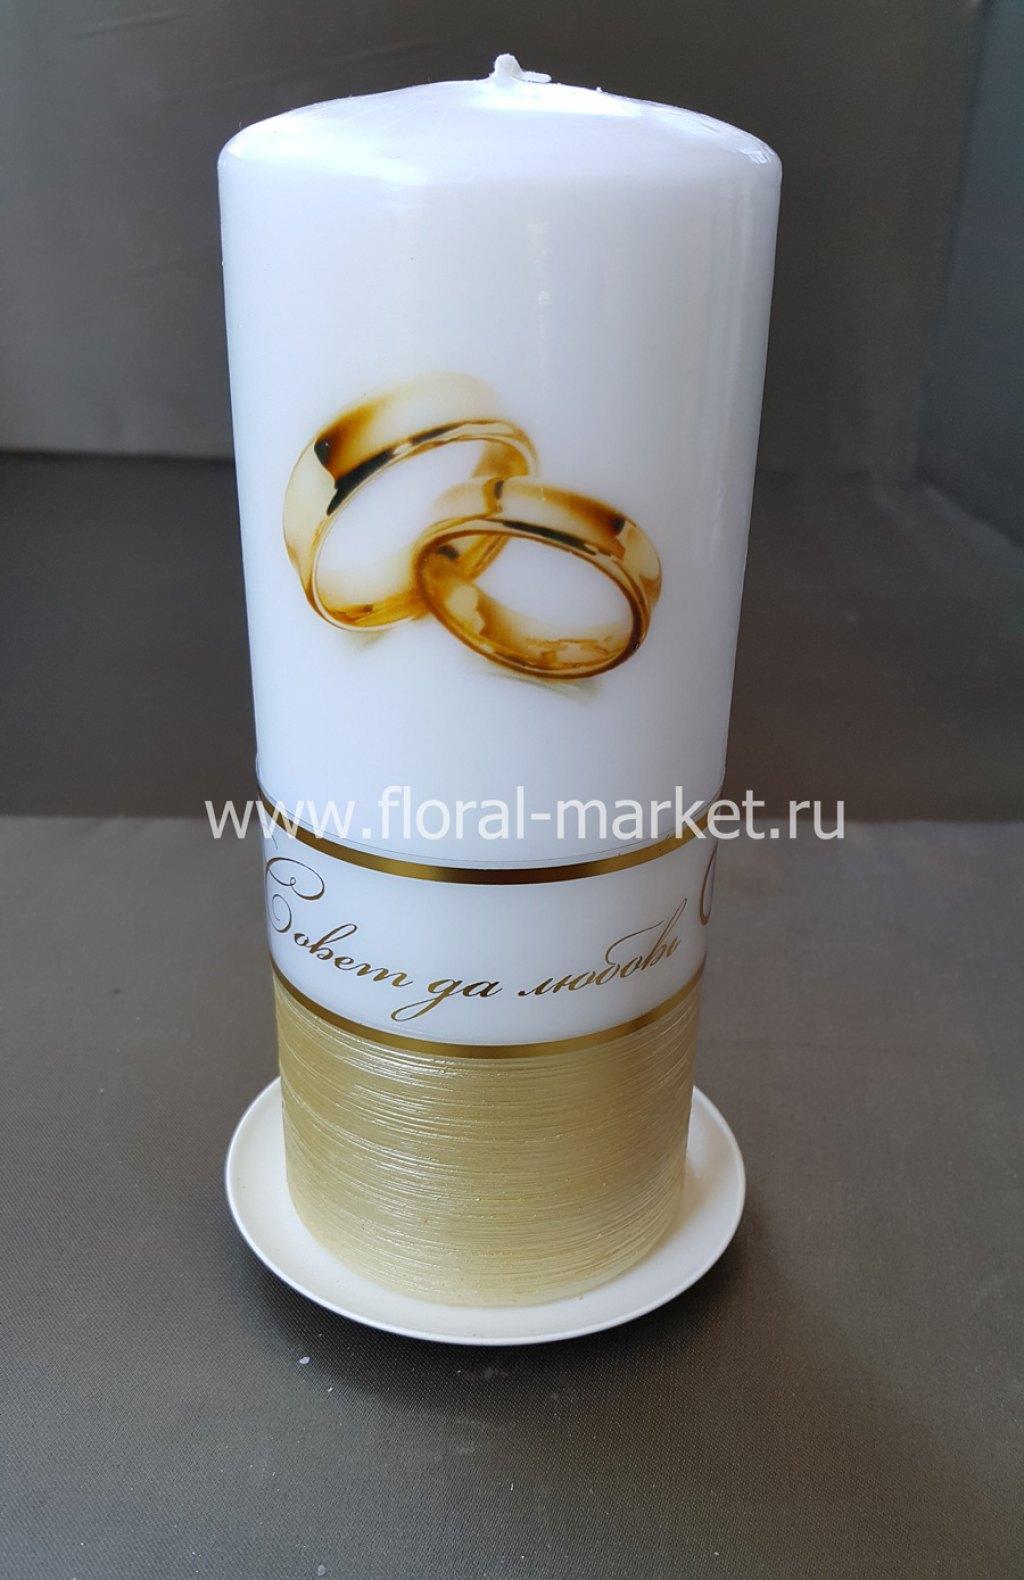 С7924 Свеча пеньковая обручальные кольца